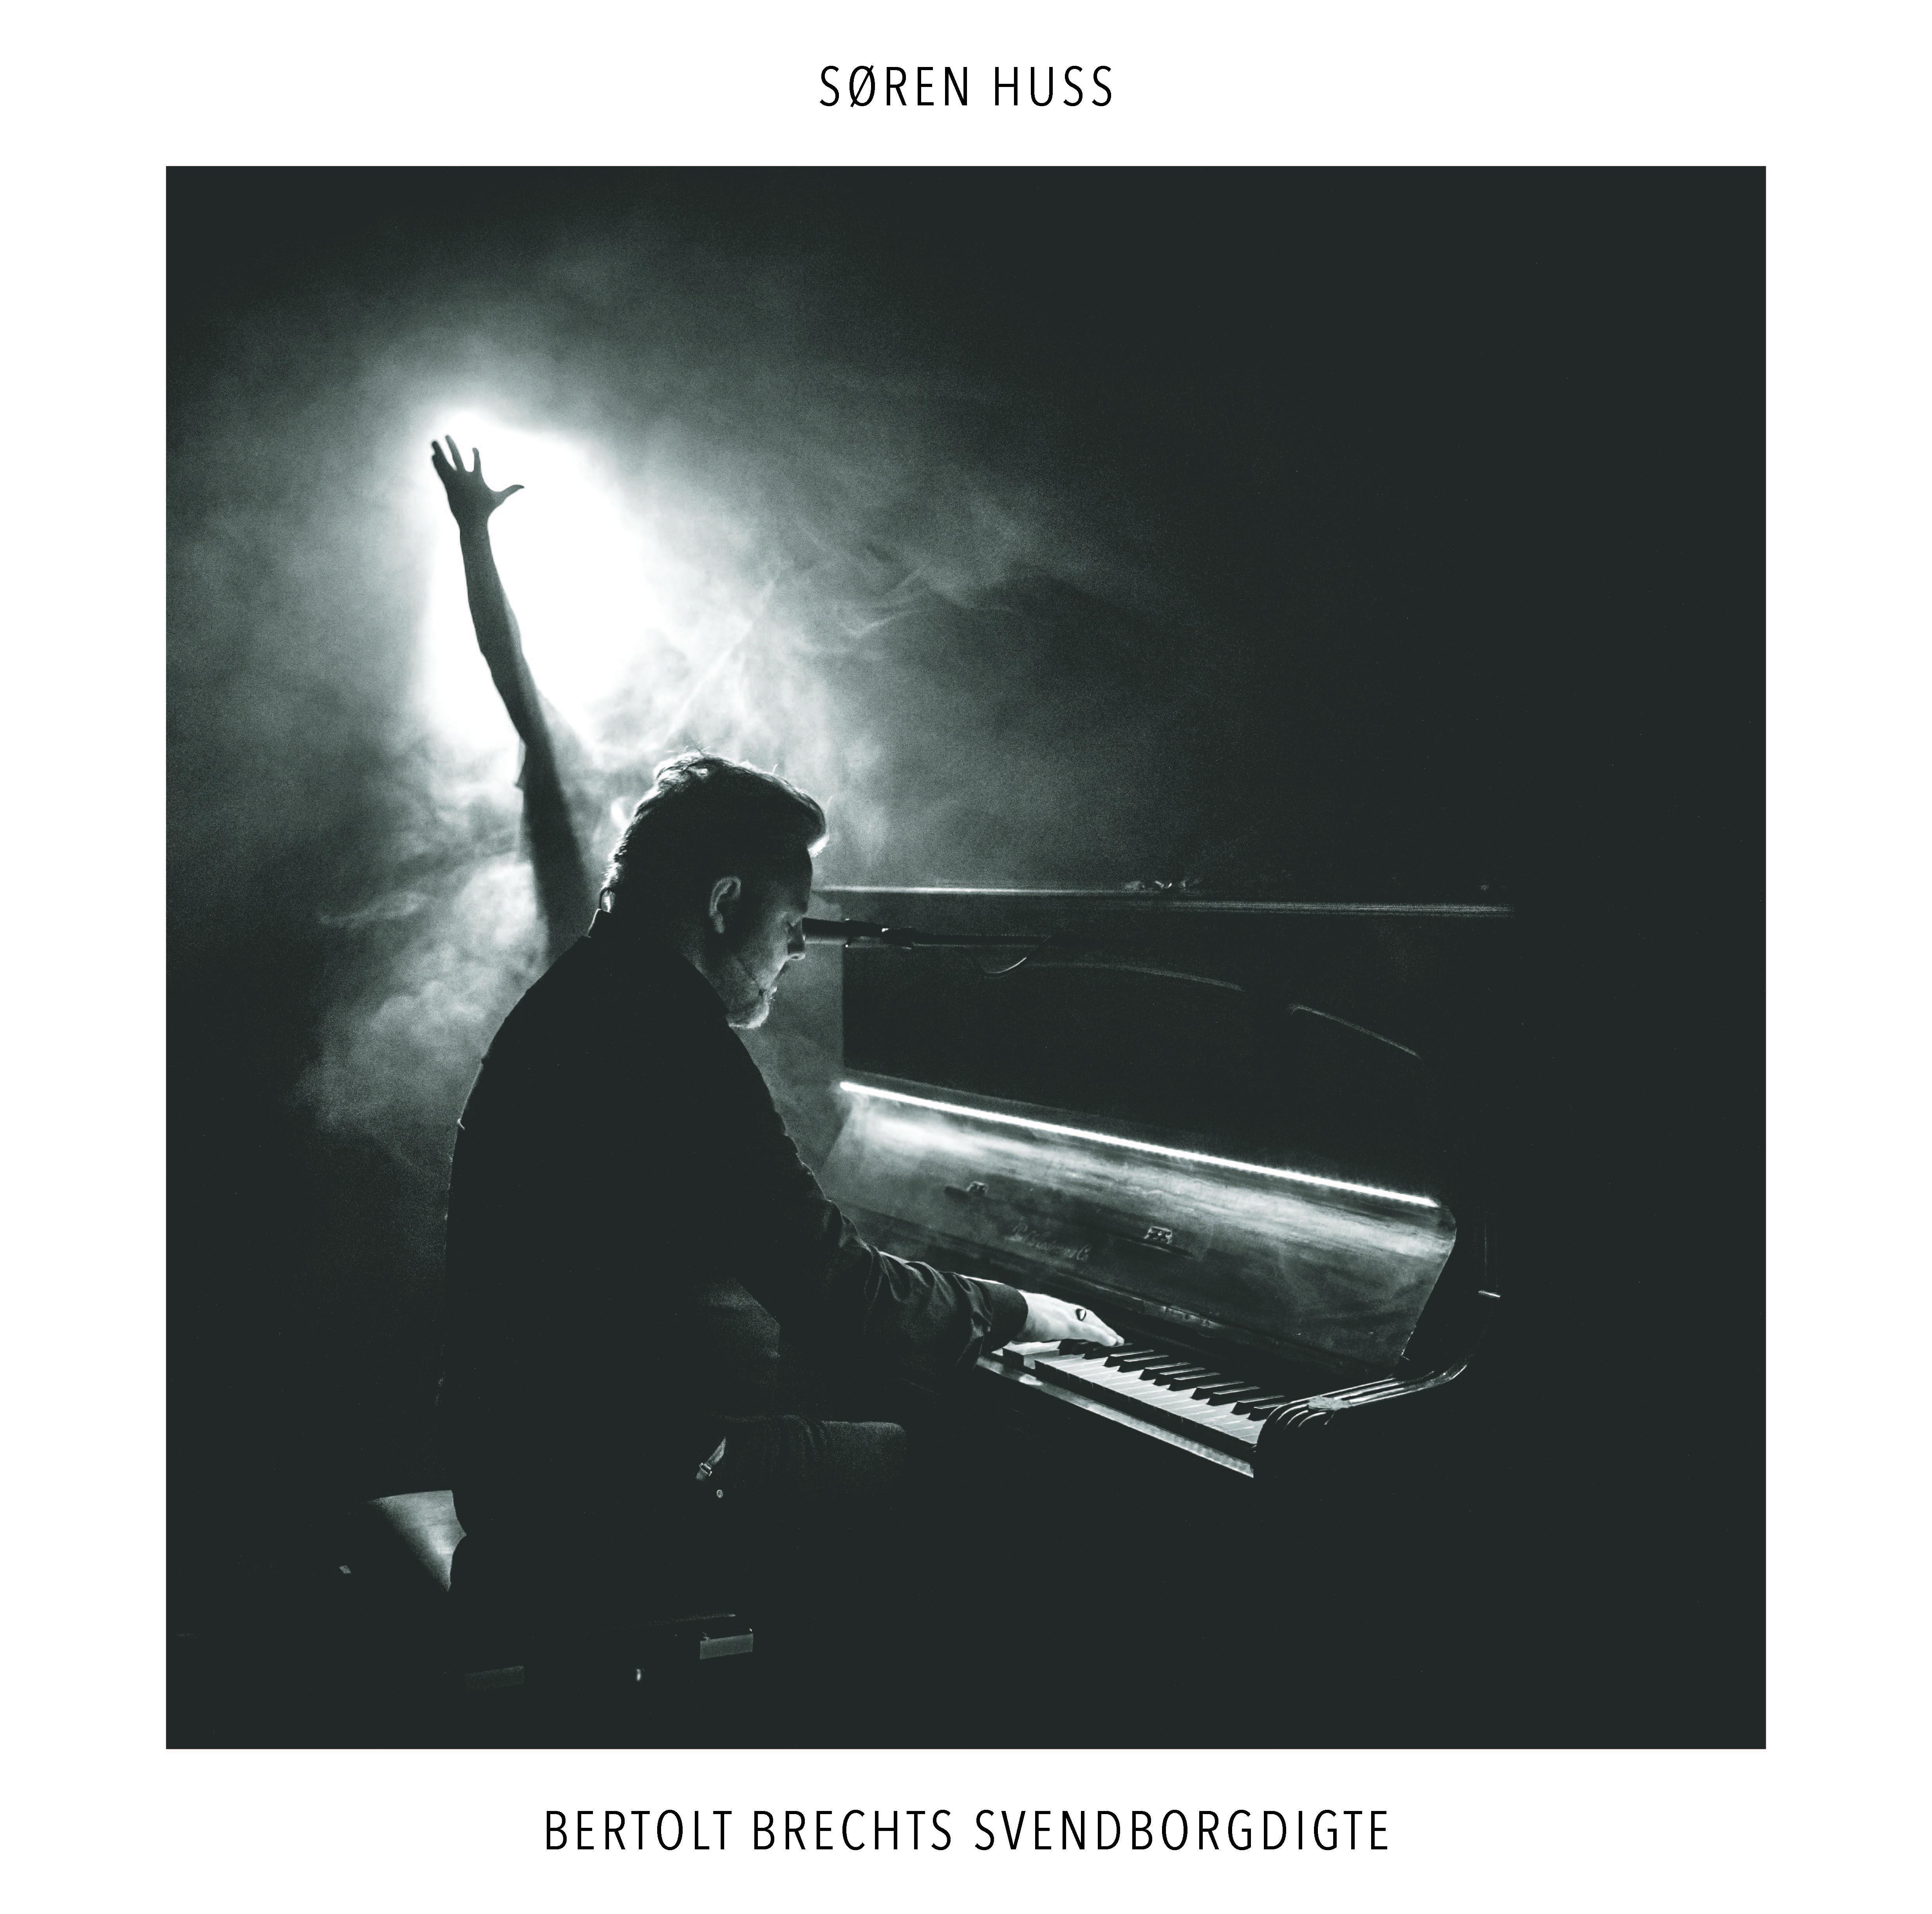 Bertolt Brechts Svendborgdigte - Søren Huss - Musik -  - 7350007483331 - 1/6-2018